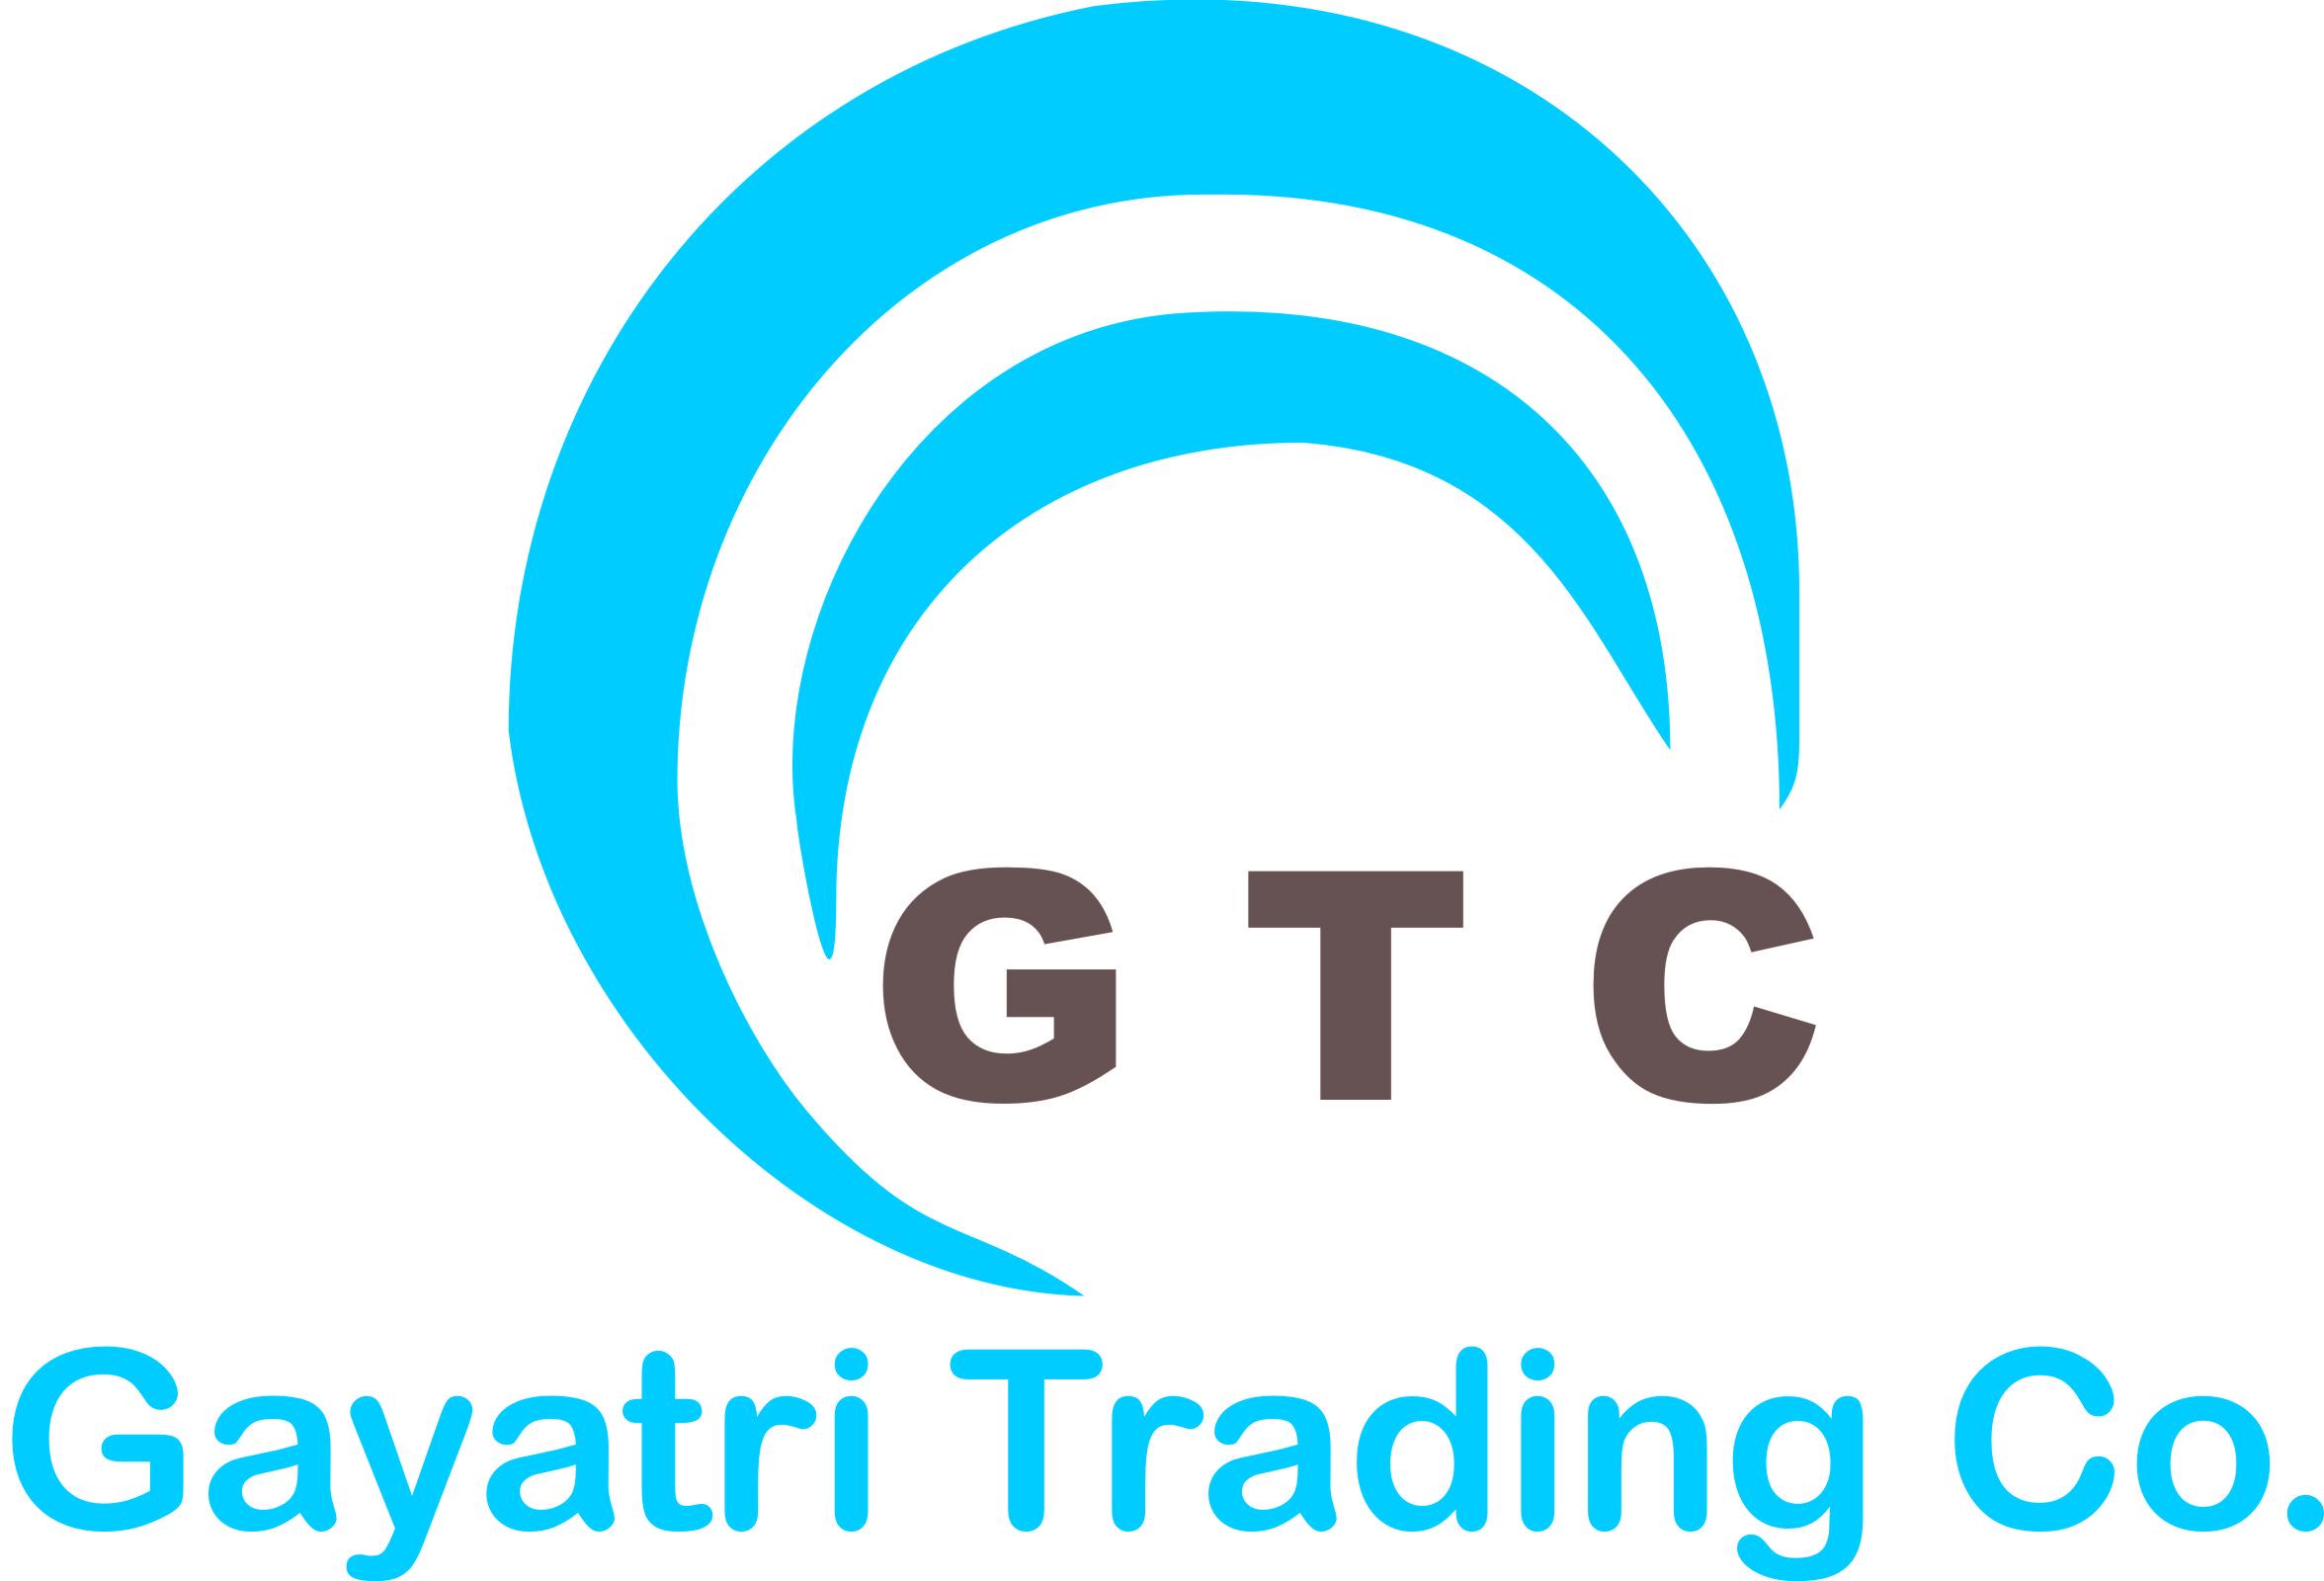 GAYATRI TRADING CO